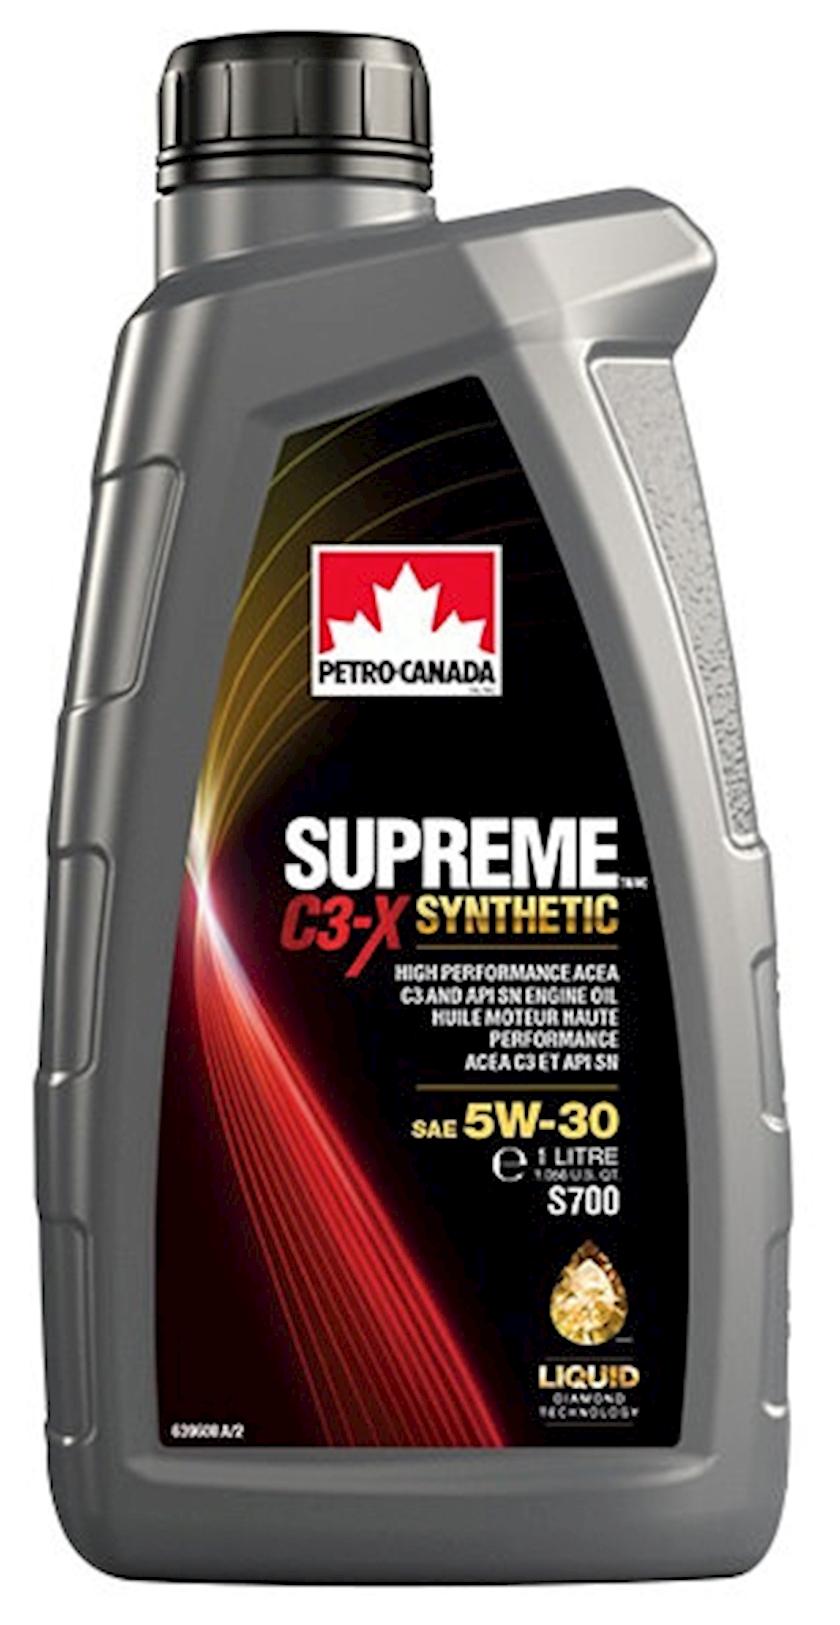 Motor yağı Petro-Canada Supreme C3-X SYN 5W-30, 1 l